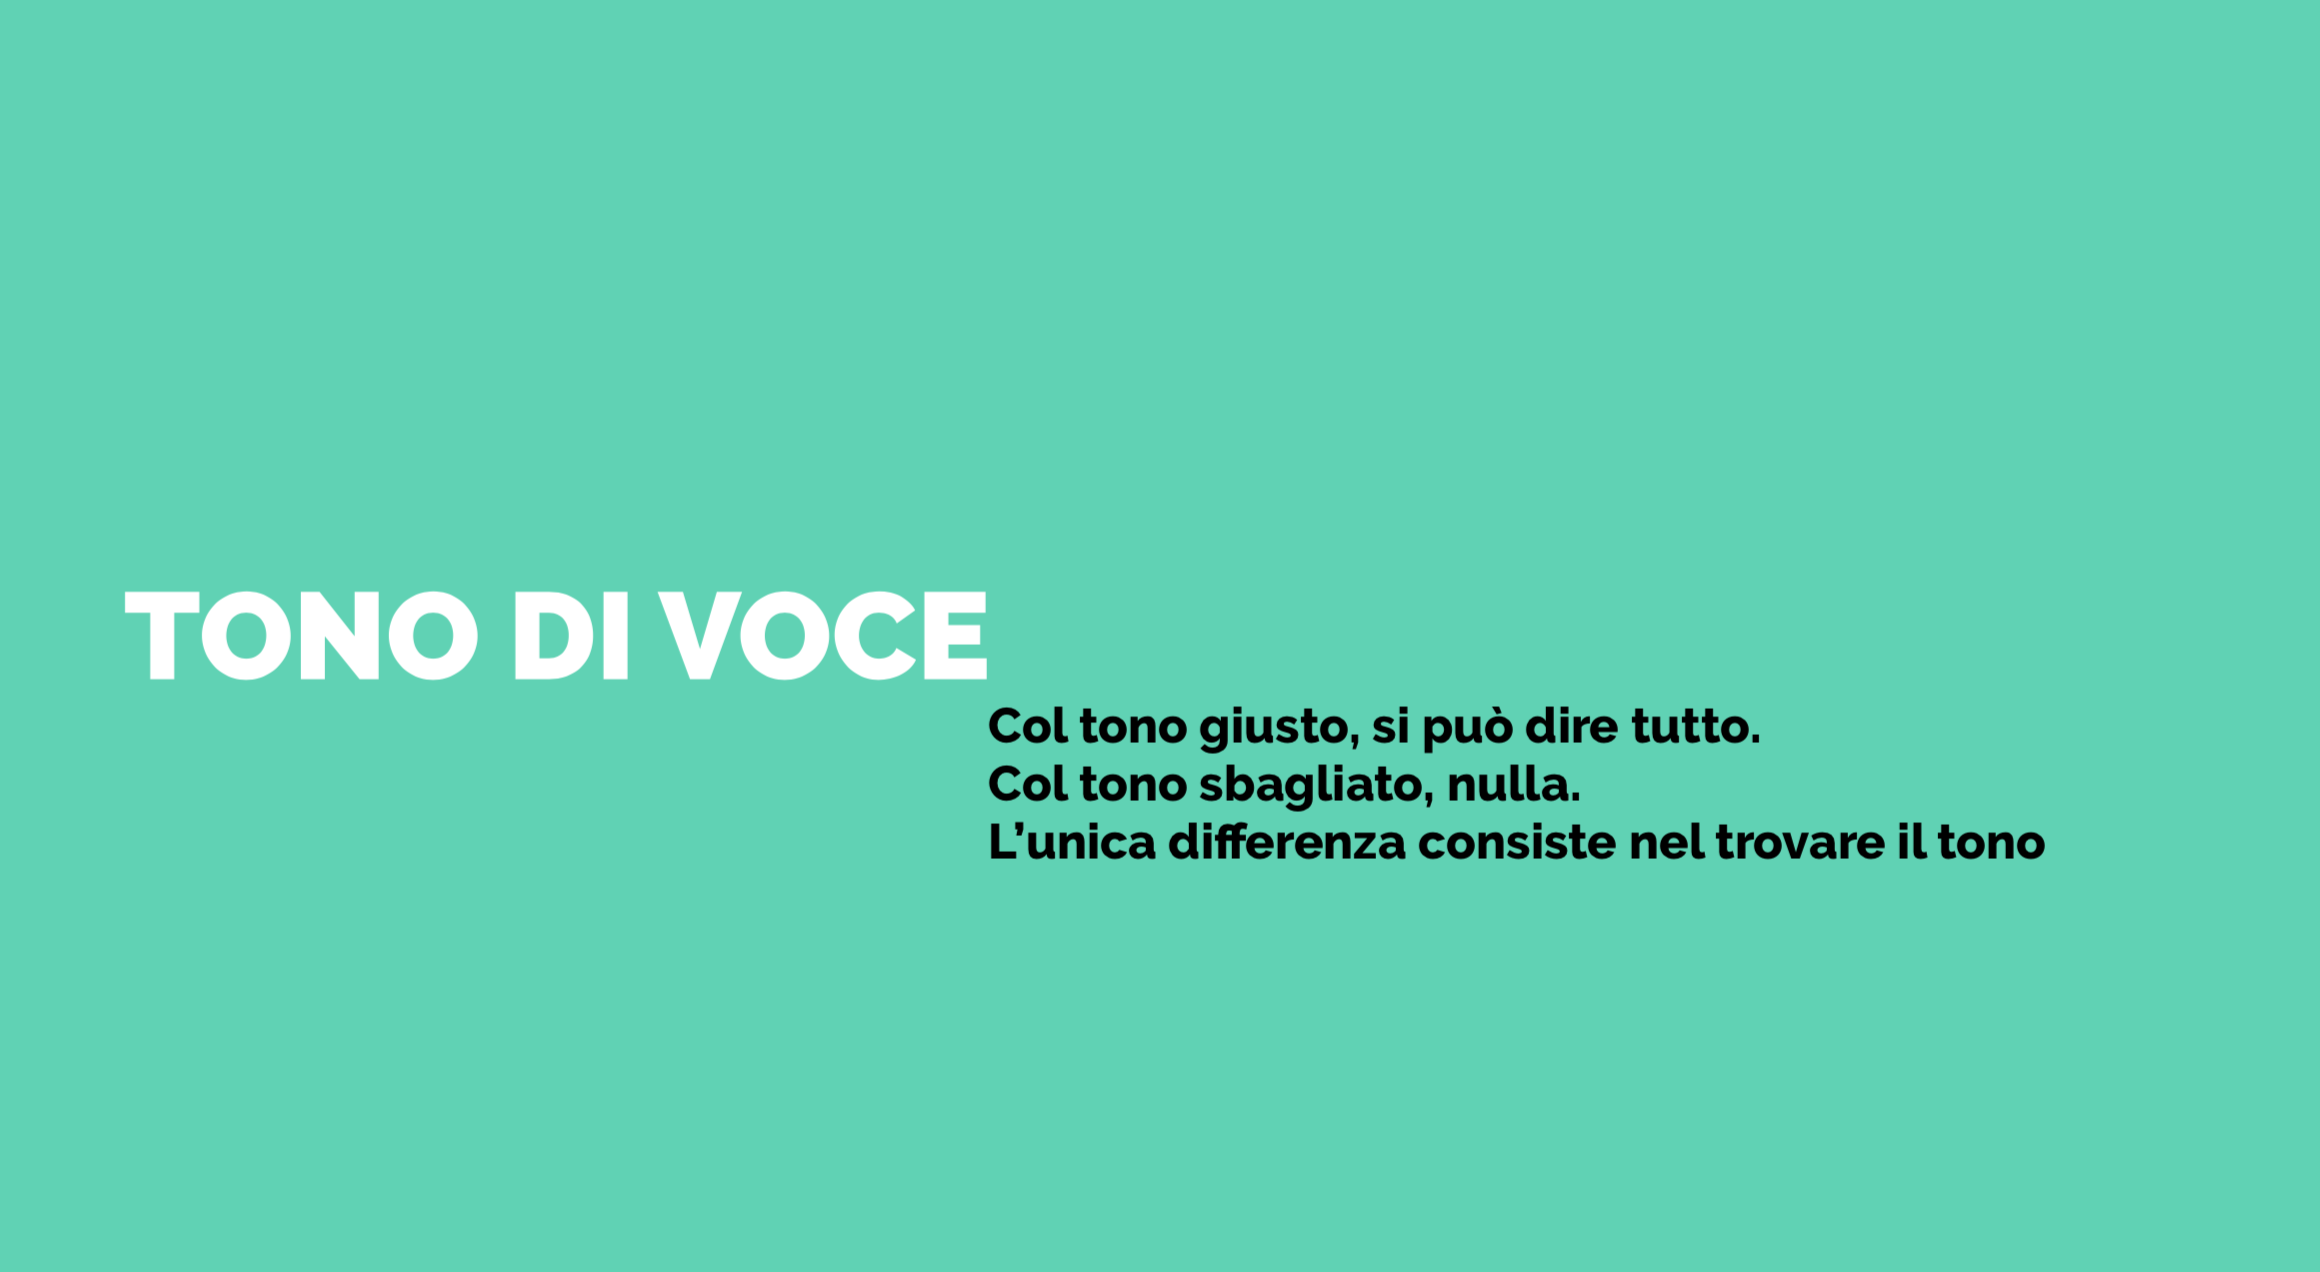 Tono_di_voce